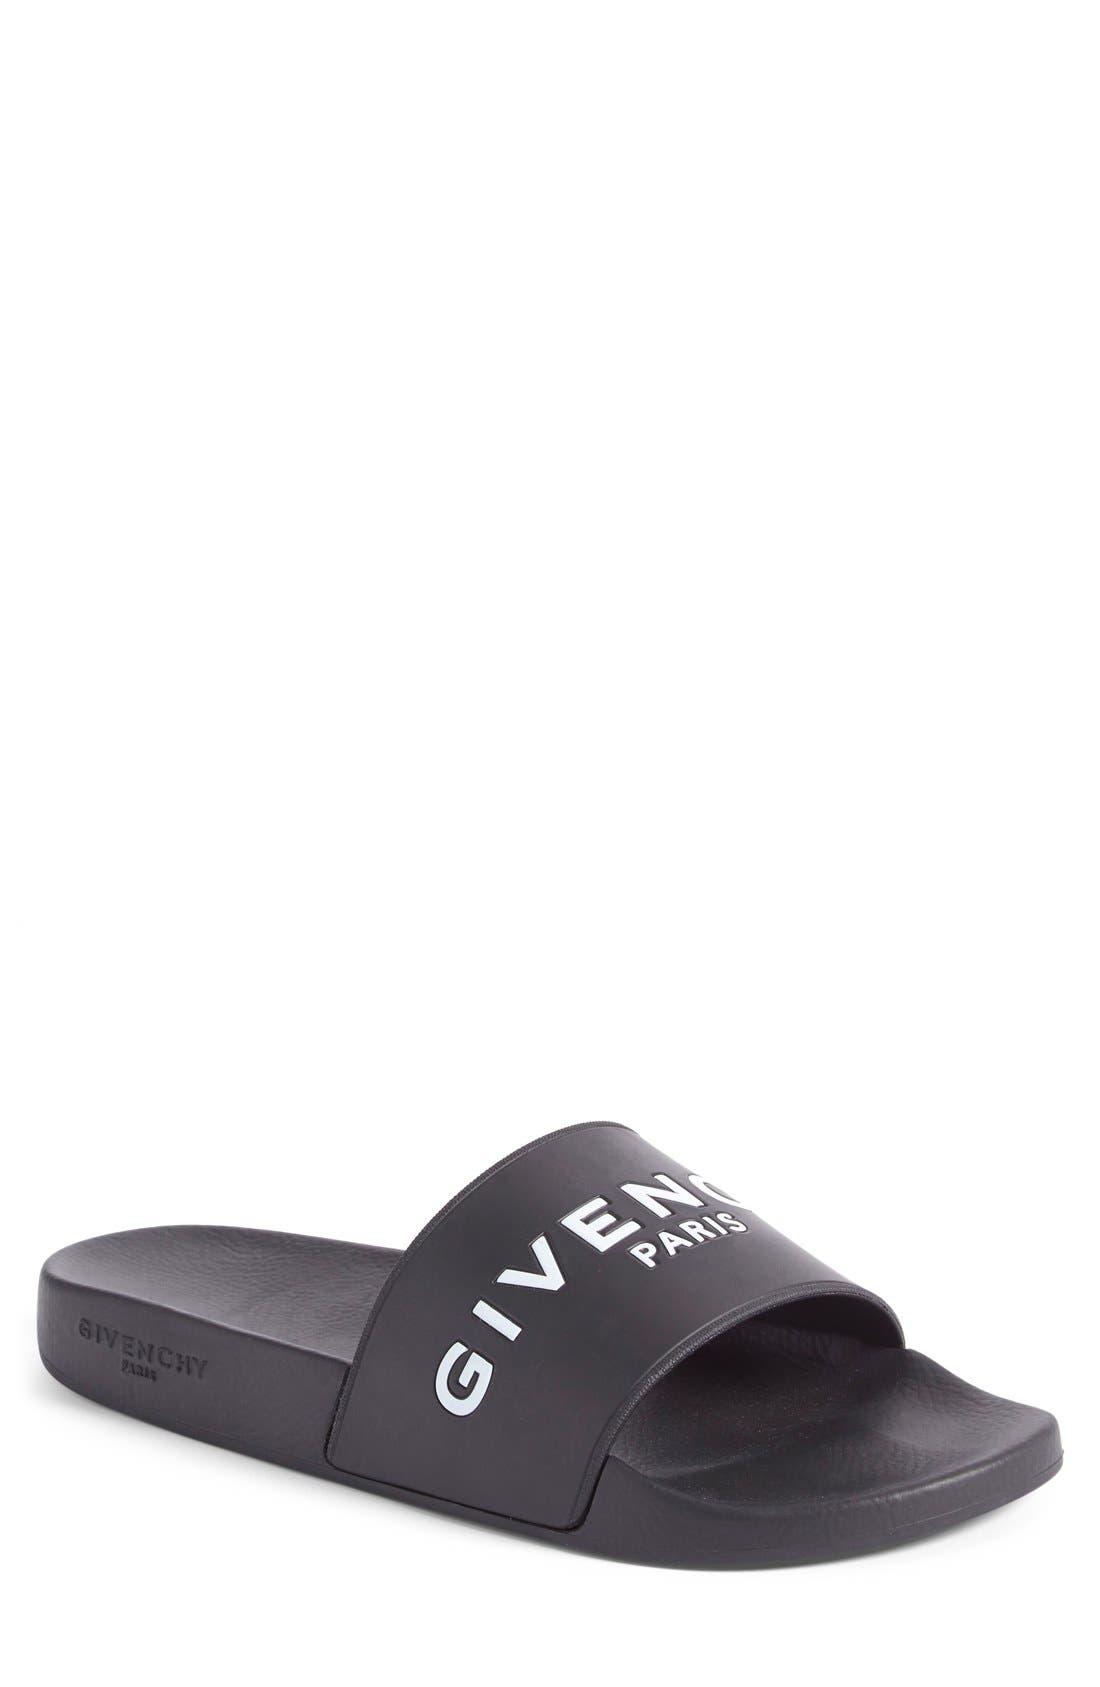 GIVENCHY Slide Sandal, Main, color, 001